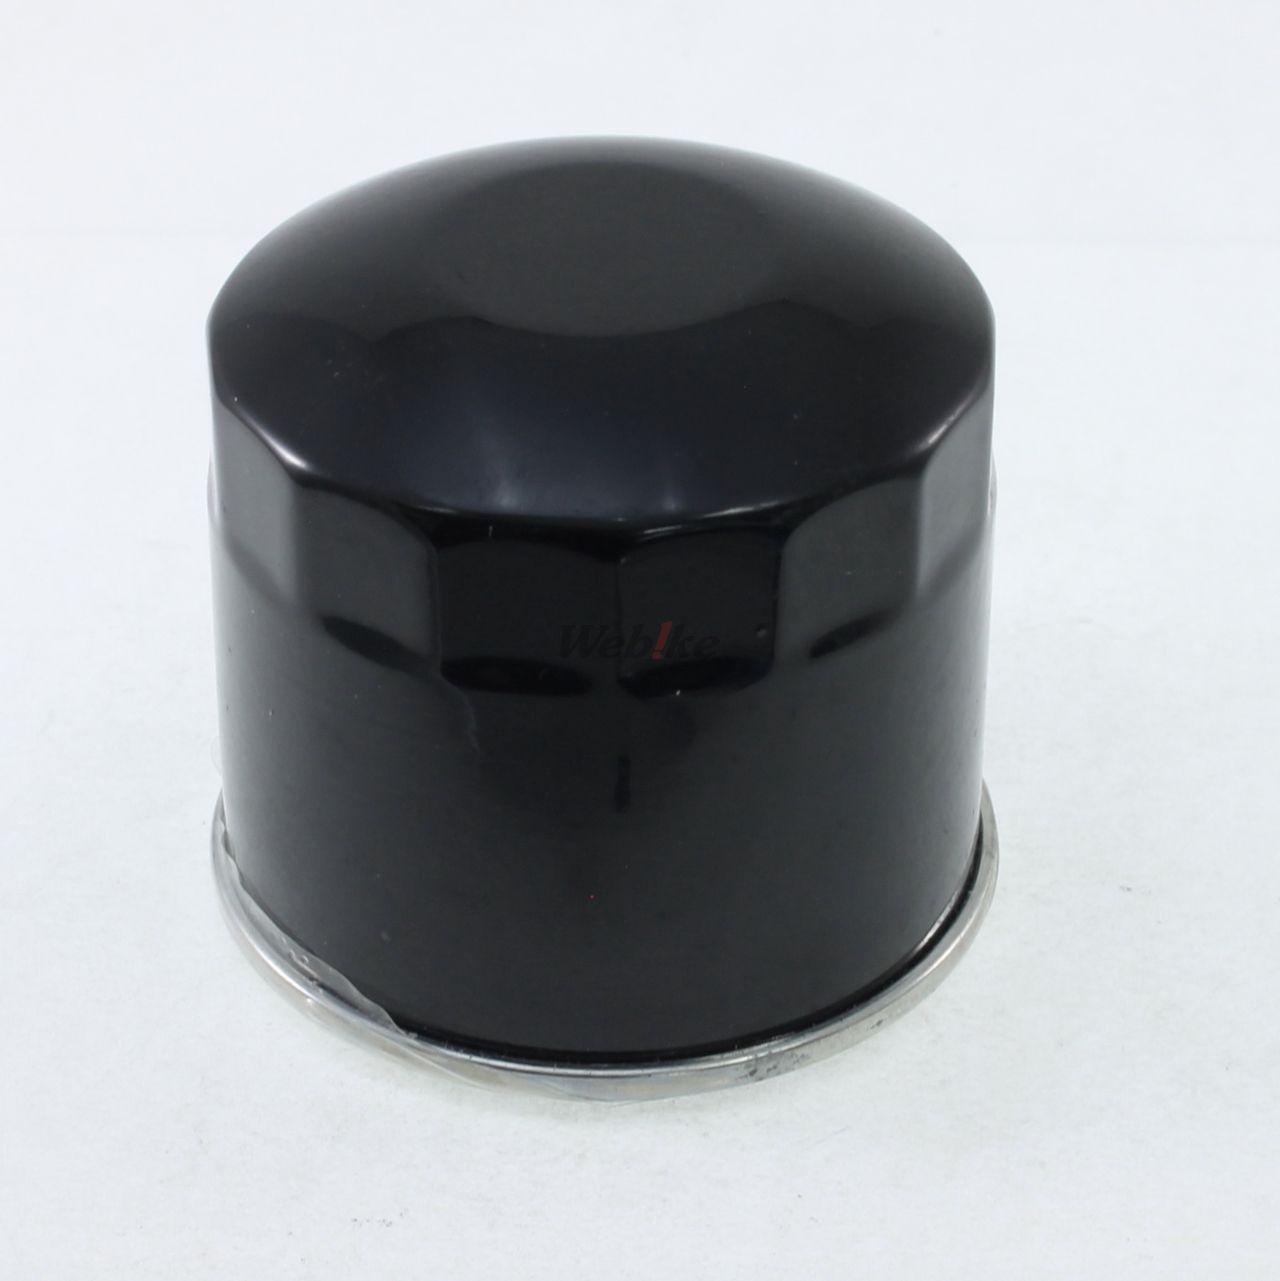 【KITACO】機油濾芯 FS-2 - 「Webike-摩托百貨」